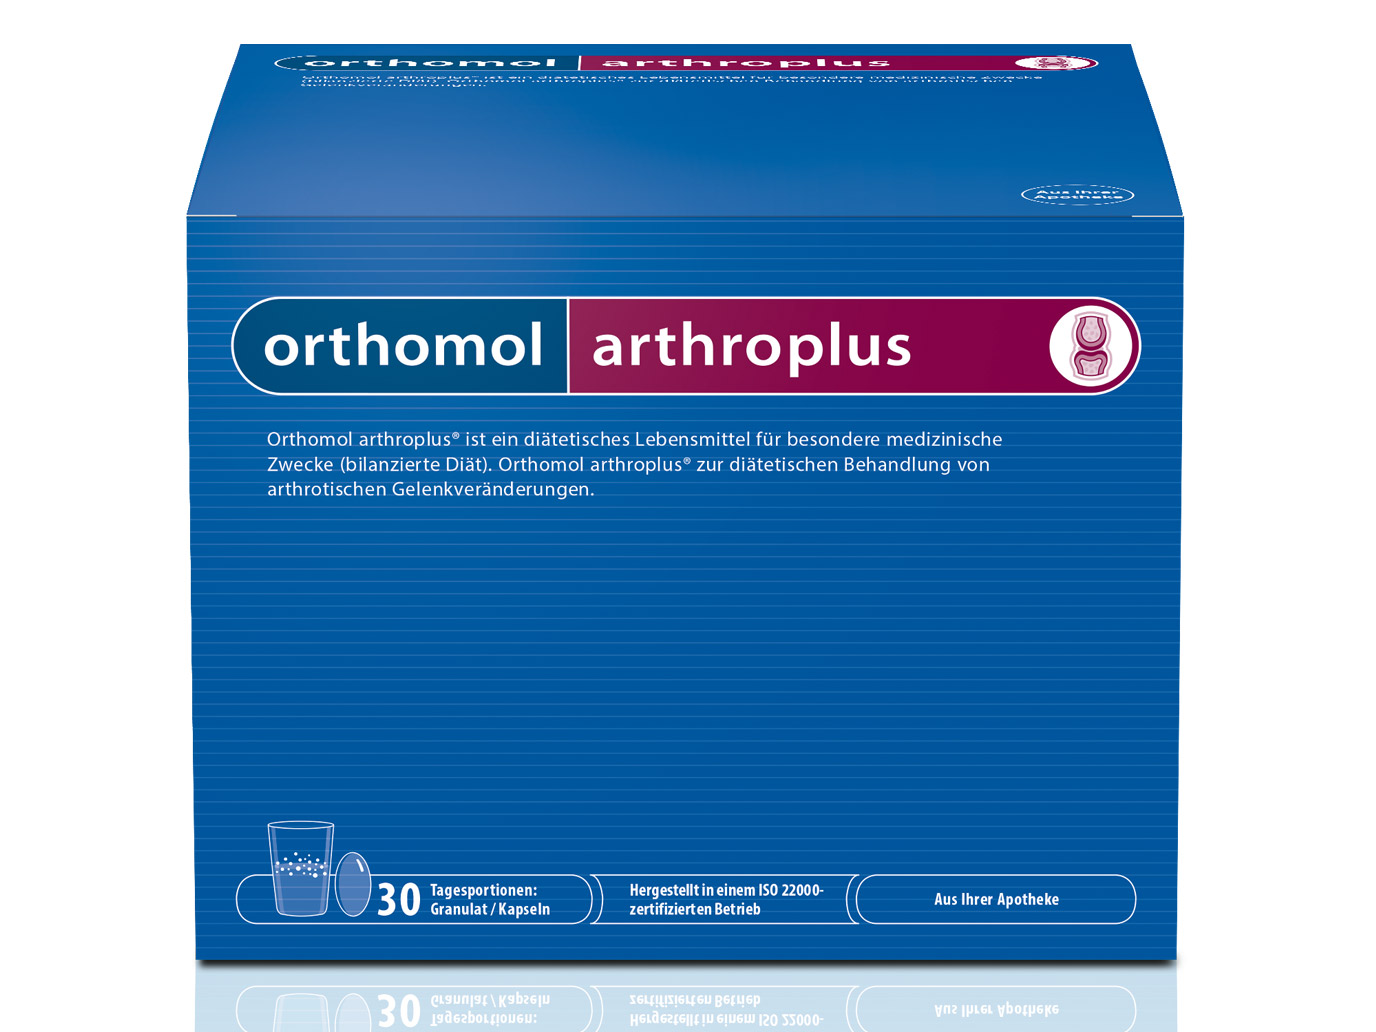 orthomol arthroplus verpackung